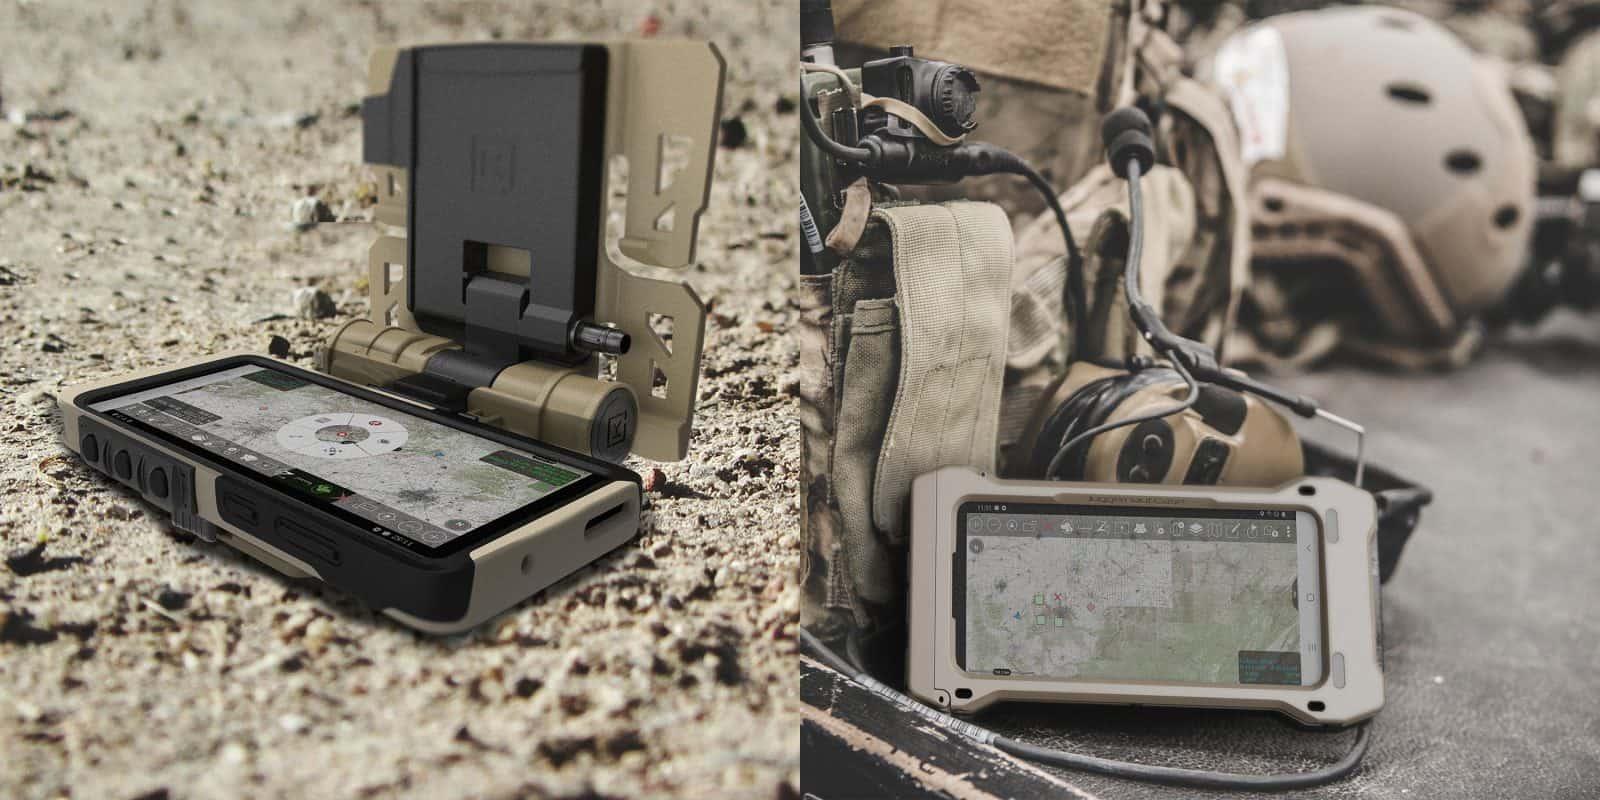 شكل هاتف سامسونج جلاكسي اس 20 نسخة الجيش الامريكي